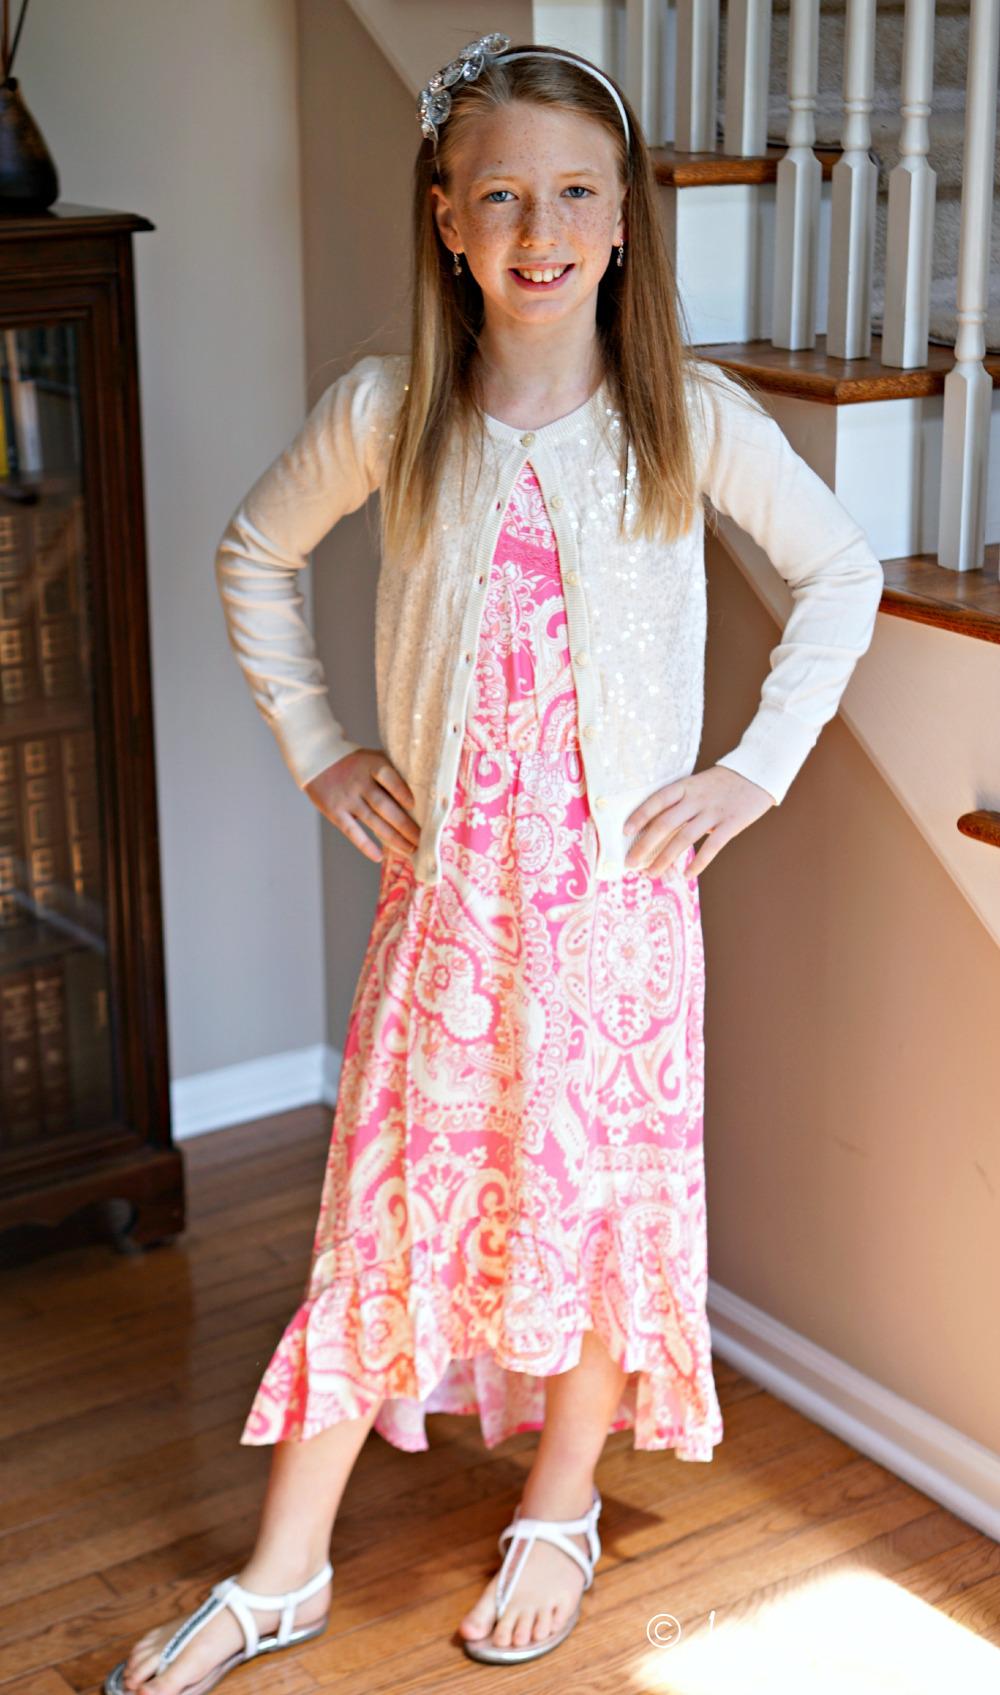 Fashion Trends For Tween Girls - Pictures of tween girls